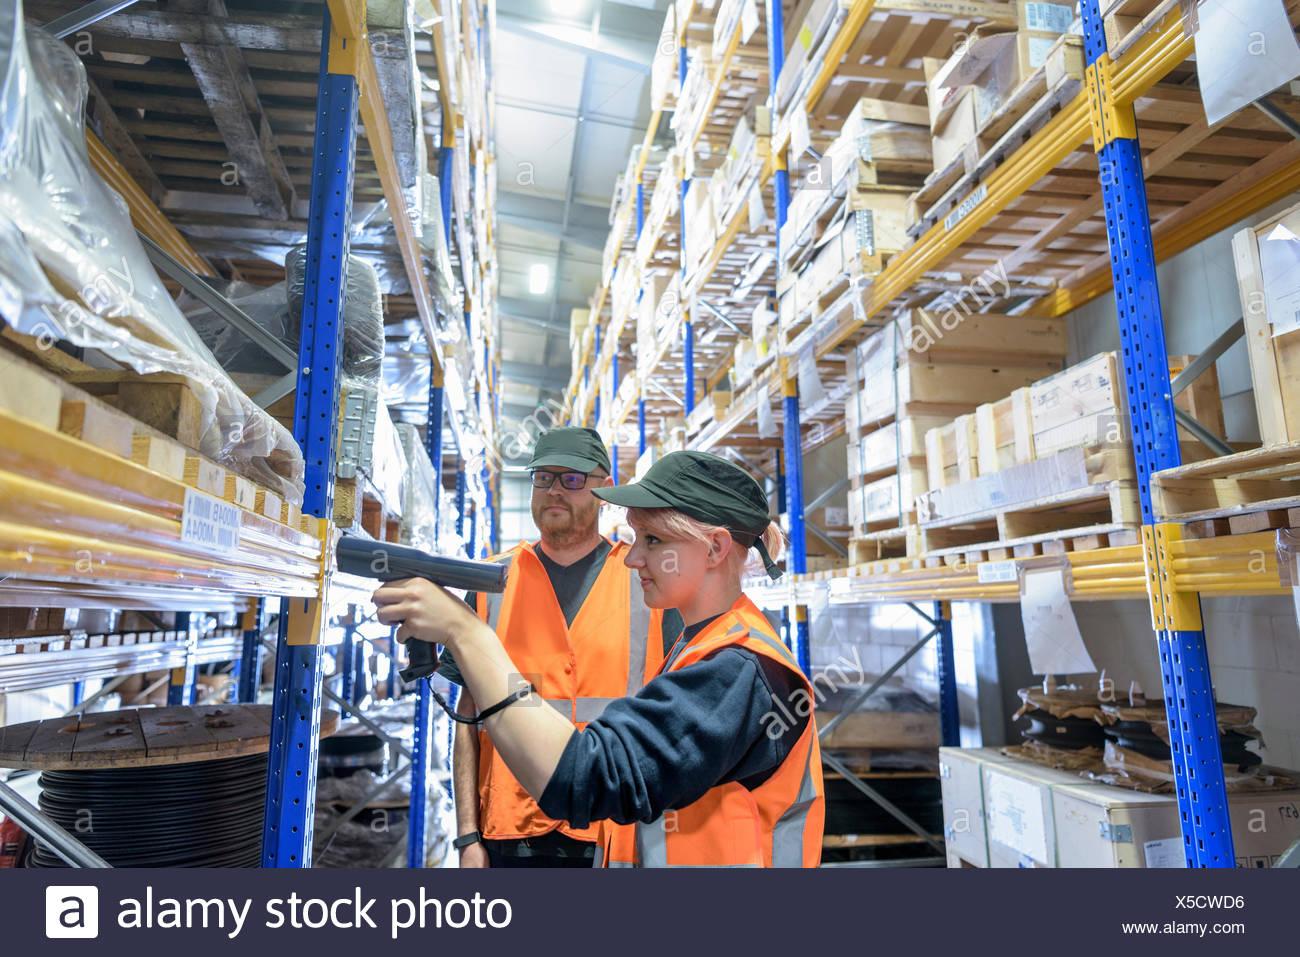 Lagerung Arbeiter scannen Teile in Zug arbeitet Lager Stockbild